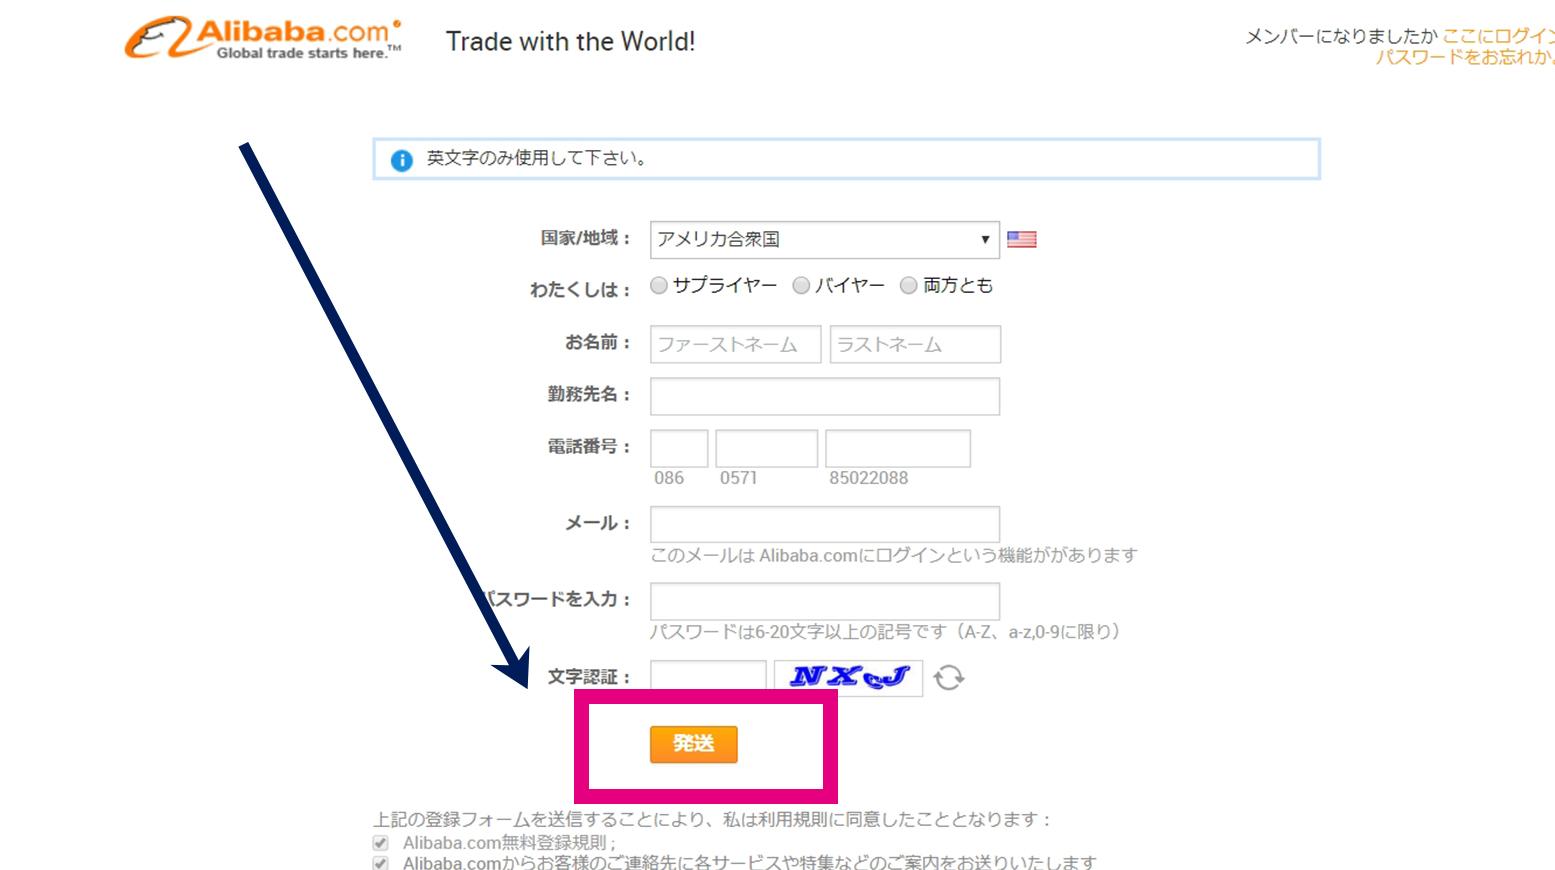 アリババドットコム(alibaba.com)登録